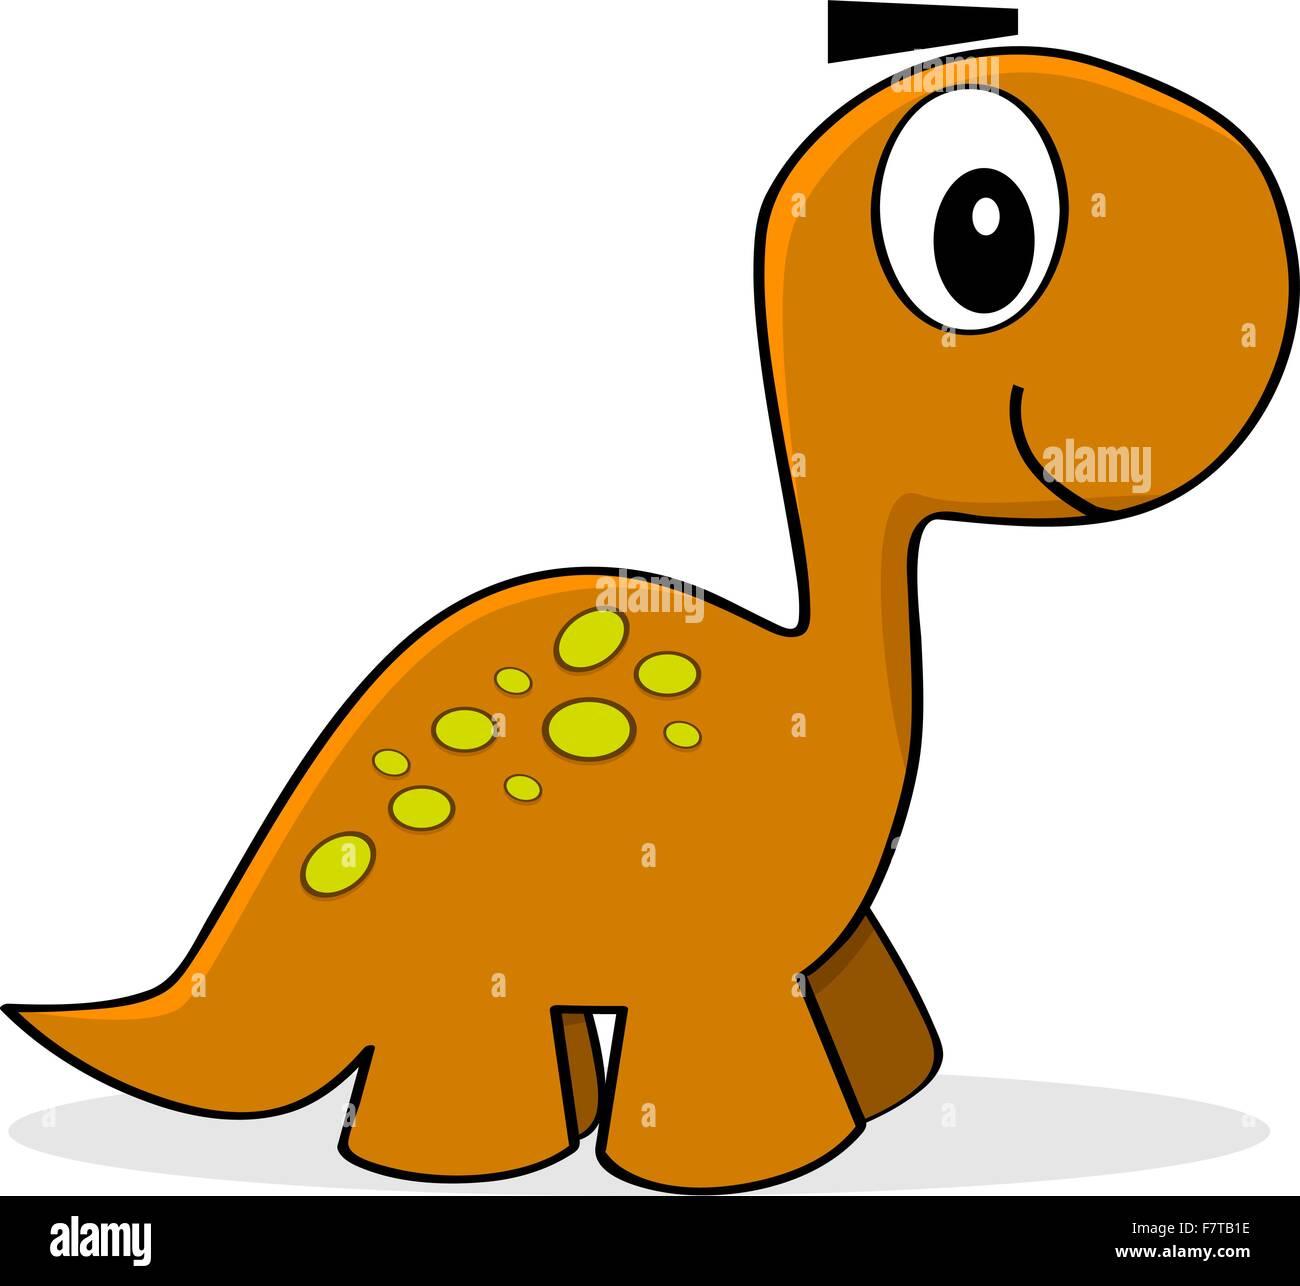 Dinosaurio De Dibujos Animados Imagen Vector De Stock Alamy Descubra una jirafa de dibujos animados con imágenes de stock en hd y millones de otras fotos, ilustraciones y vectores en stock libres de regalías en la colección de shutterstock. https www alamy es foto dinosaurio de dibujos animados 90889946 html